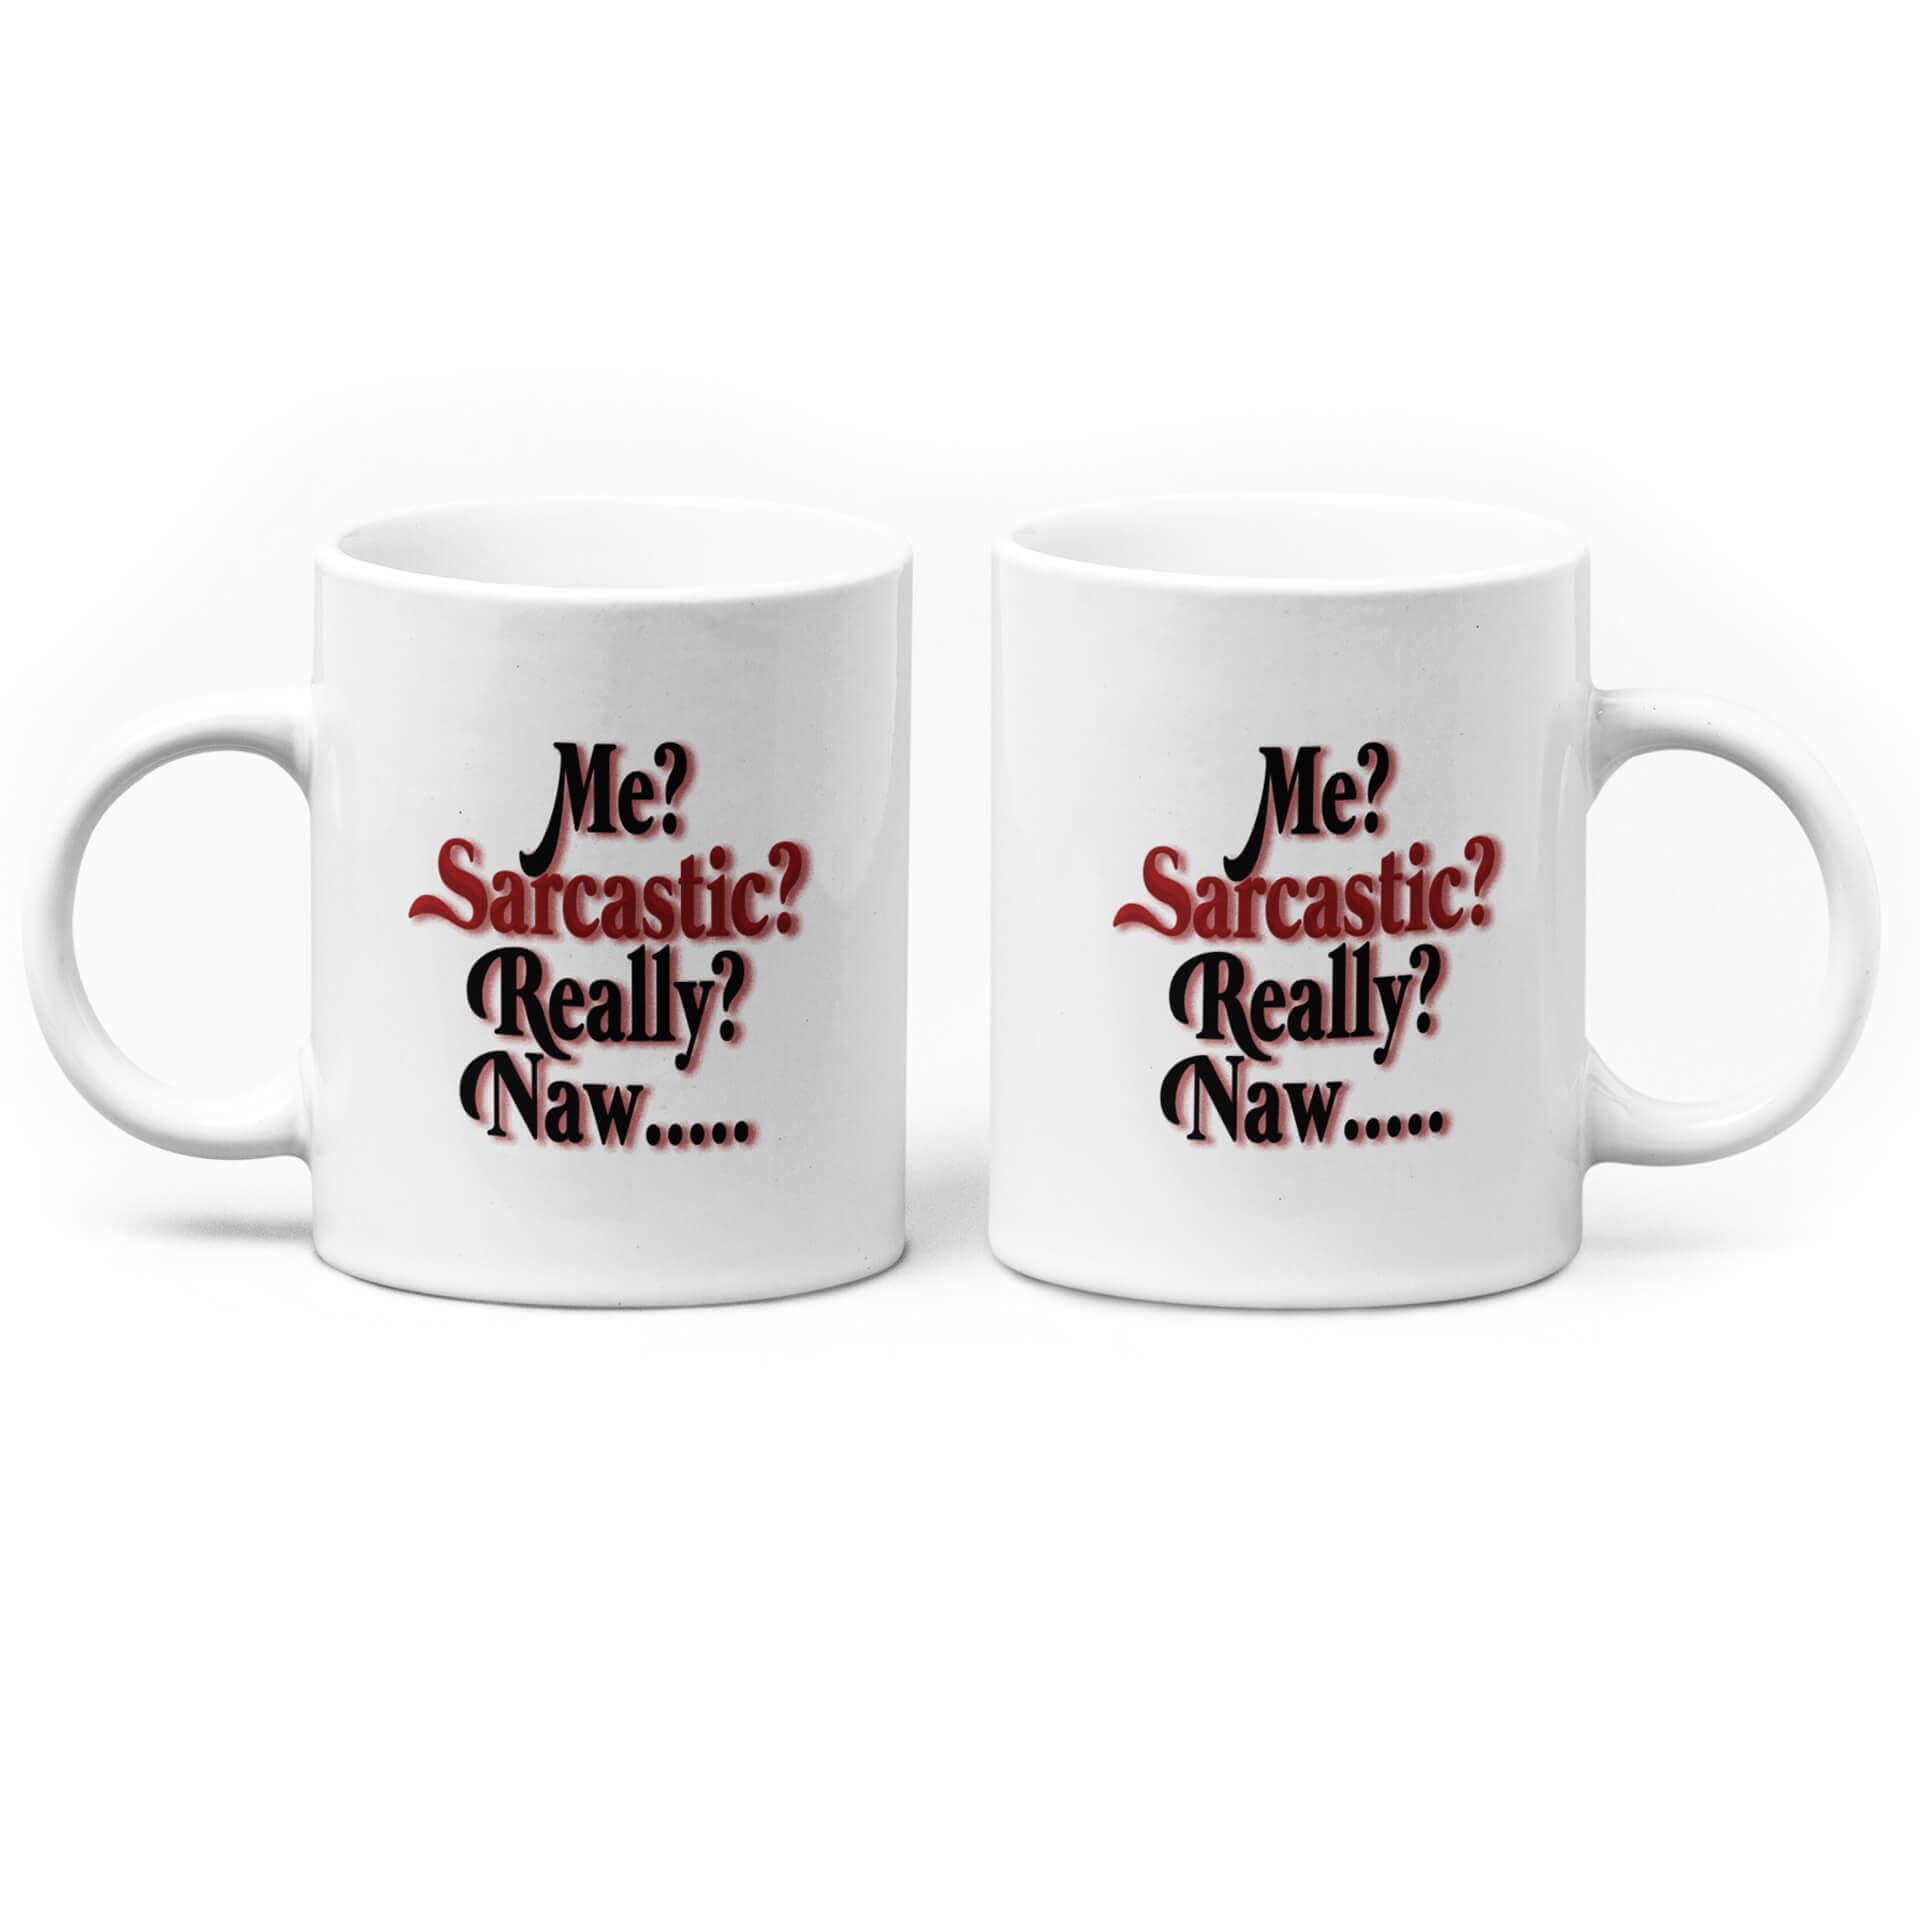 Me? Sarcastic? Really? Naw... Mug